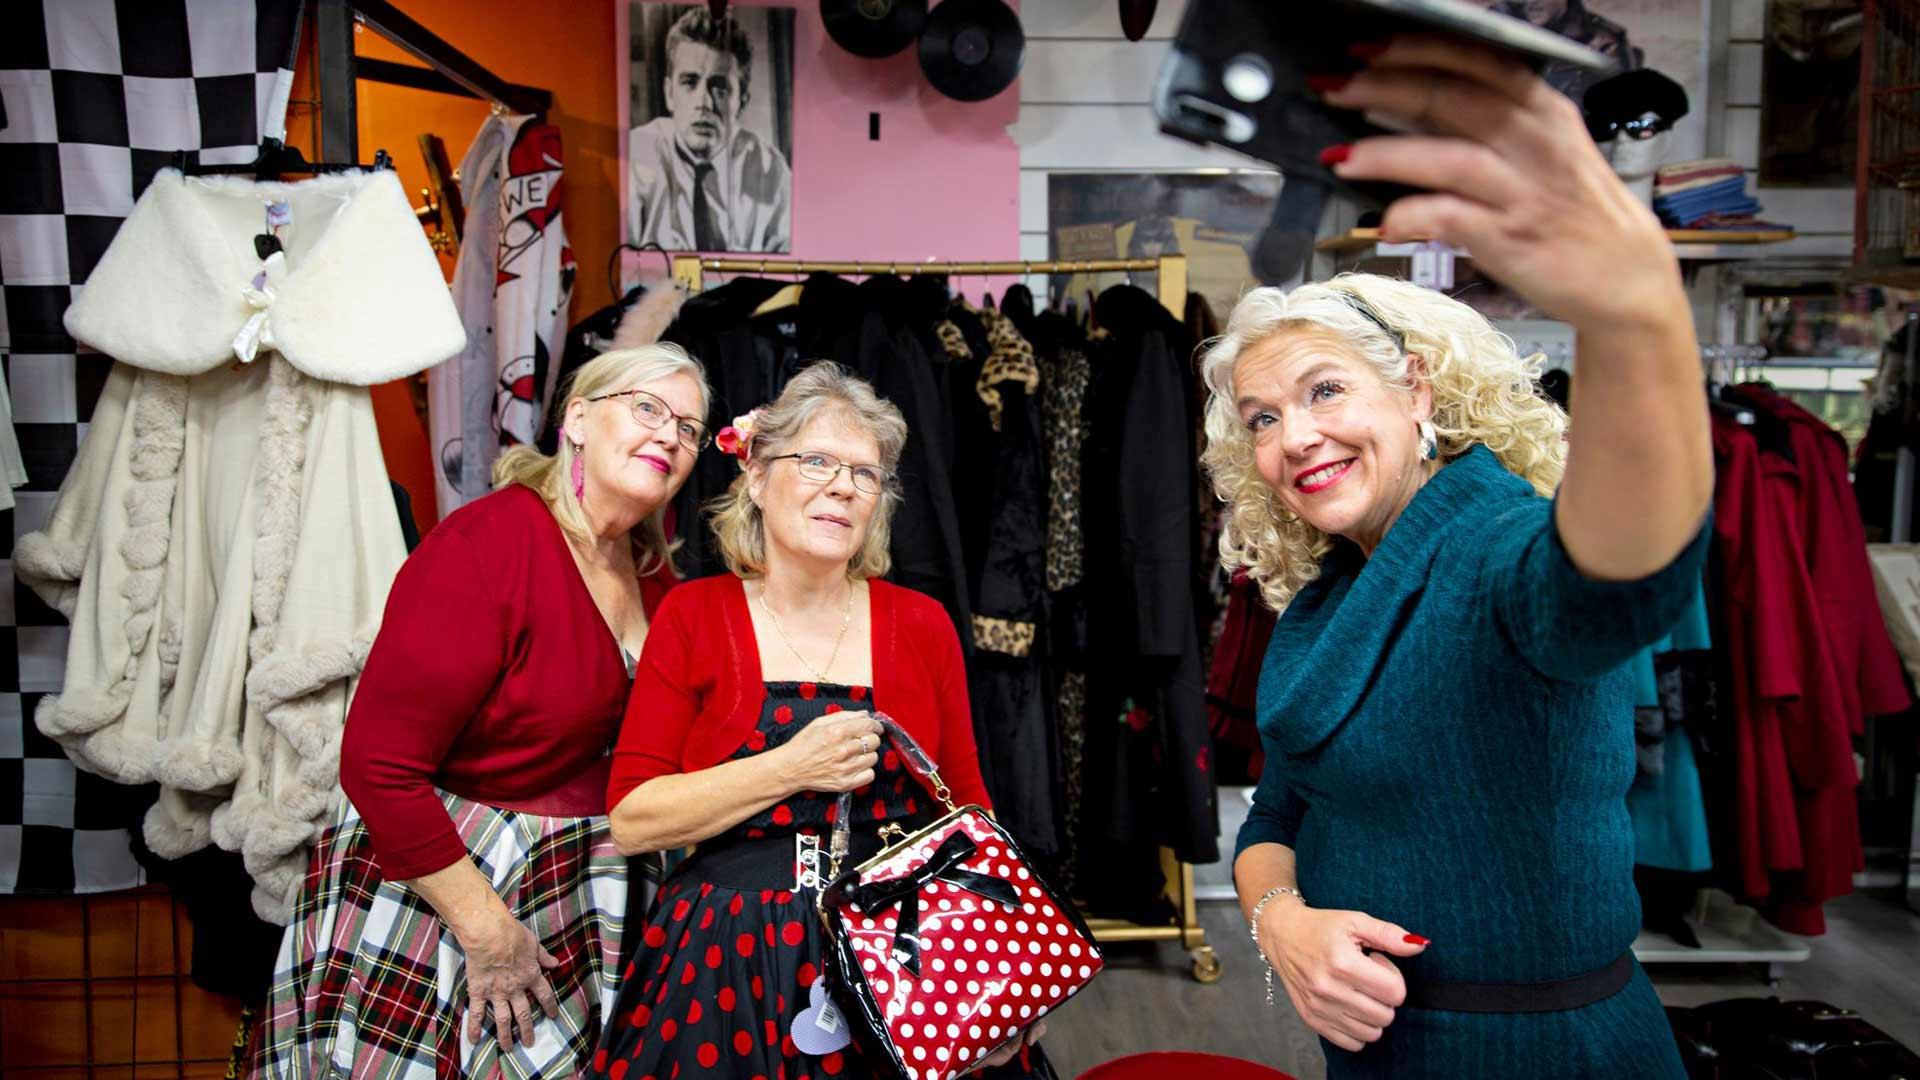 Anita tykkää etsiä asiakkaille heidän näköisiään vaatteita ja rohkaista heitä värien käyttöön. Kaiken päällä olevan ei tarvitse olla mustaa tunikaa.